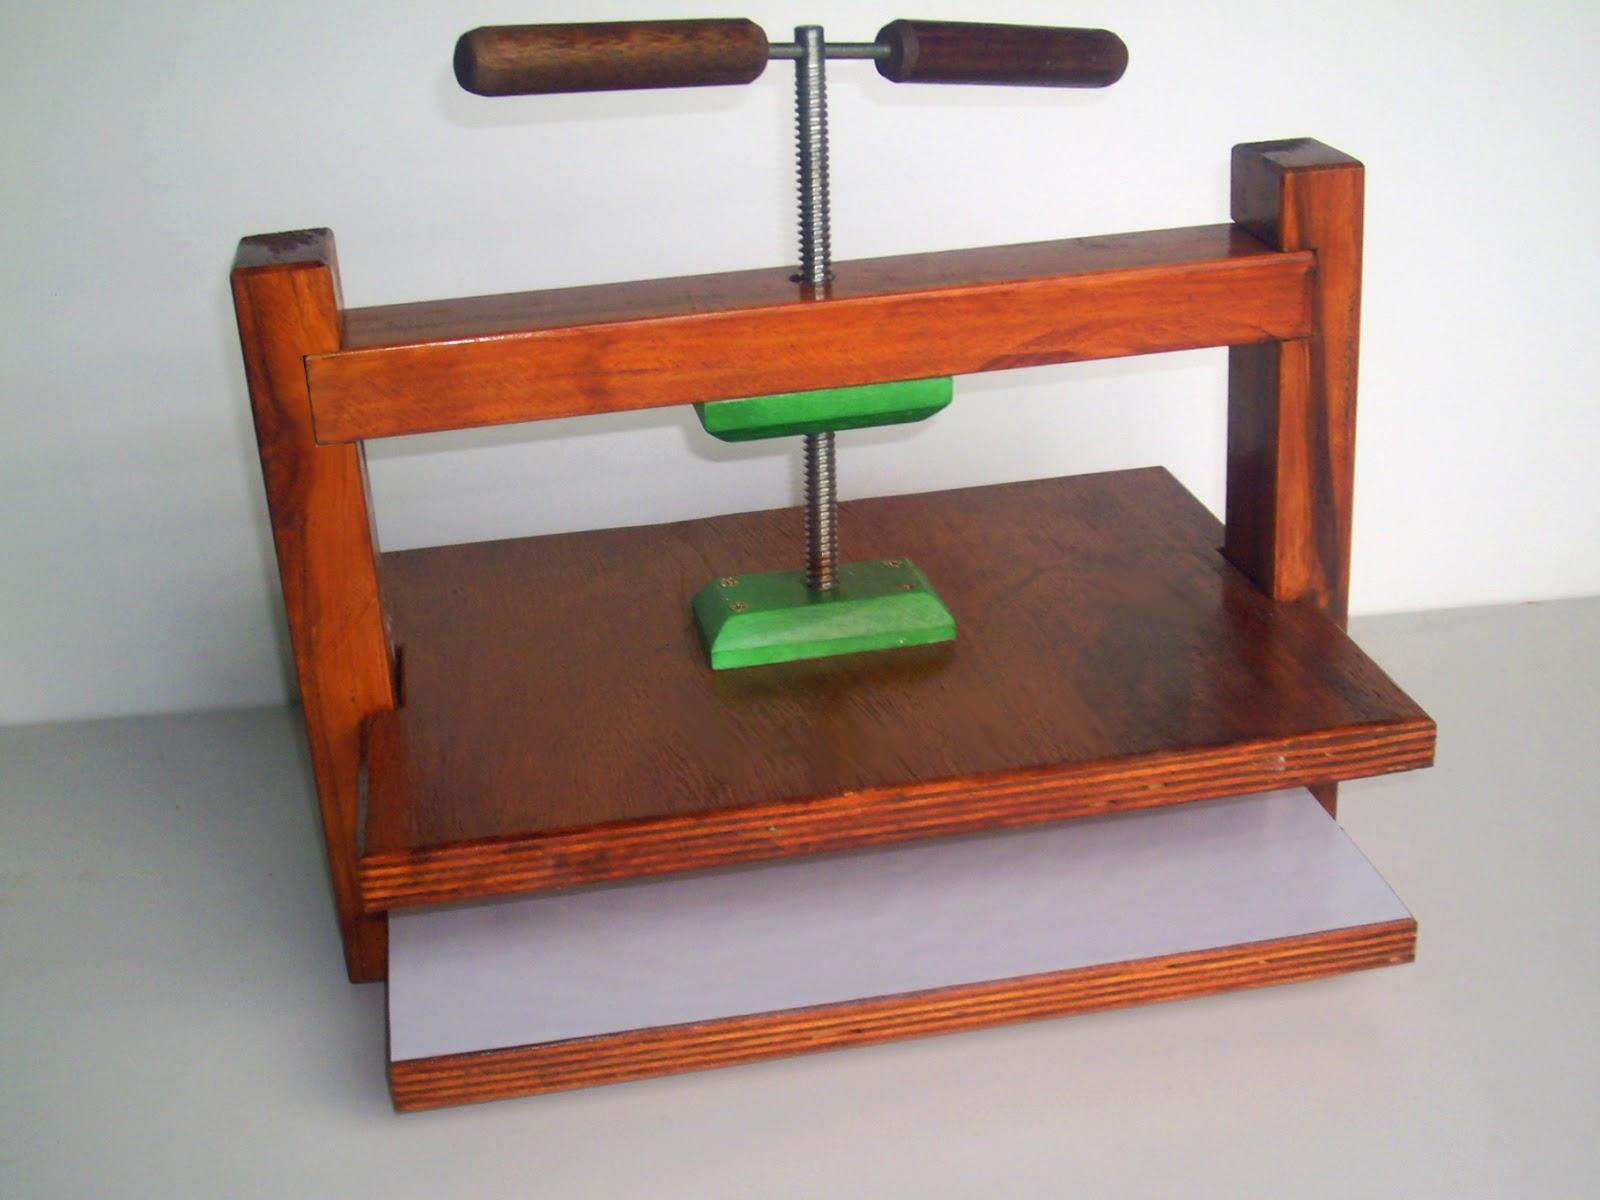 Estrutura feita em madeira 5cm x 3cm tem a base de compensado 20mm  #A94522 1600x1200